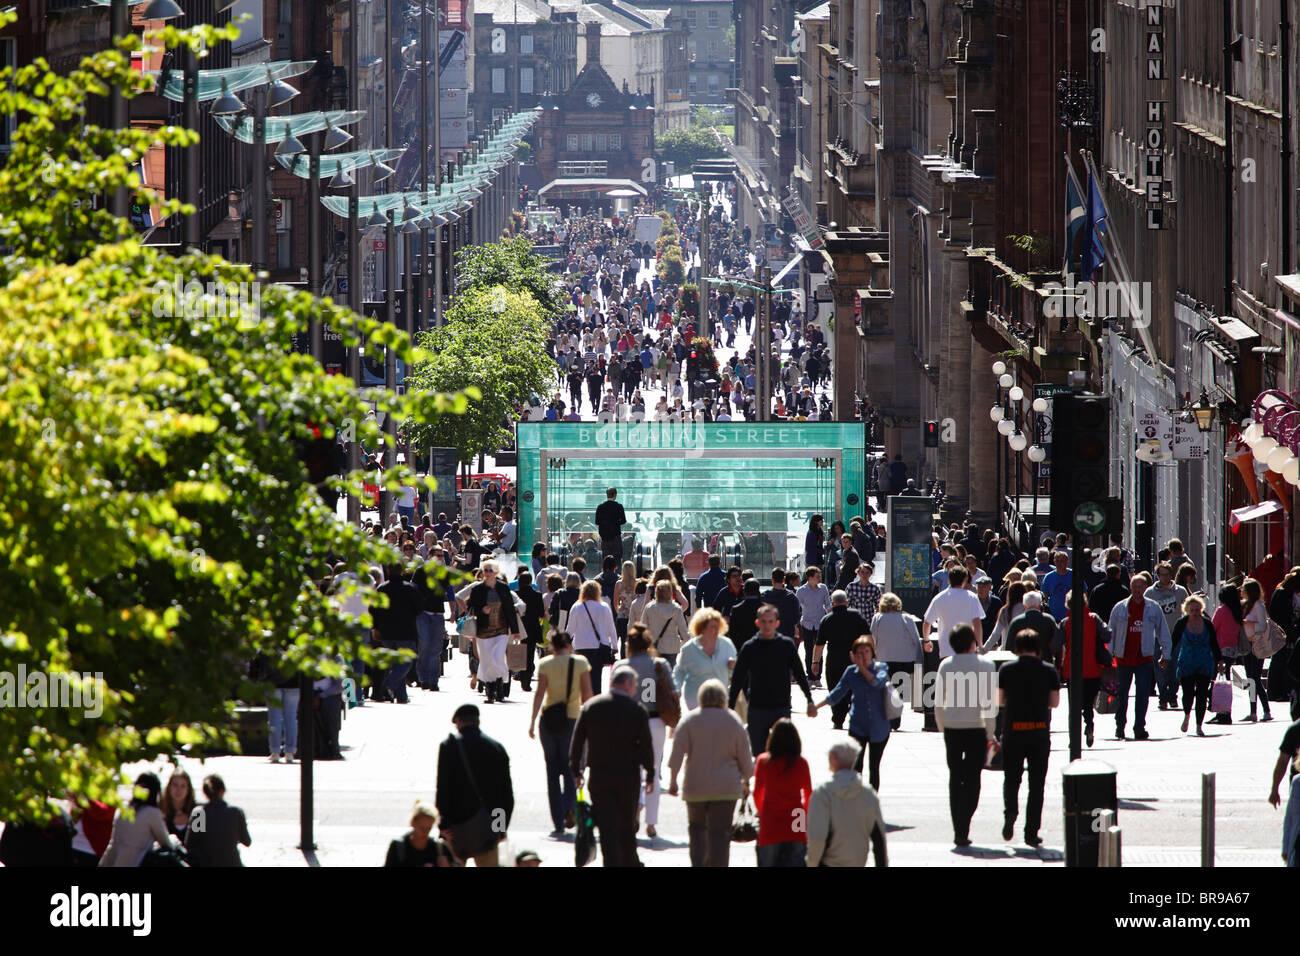 Fußgänger zu Fuß auf der Buchanan Street, Glasgow, Schottland, Großbritannien Stockbild